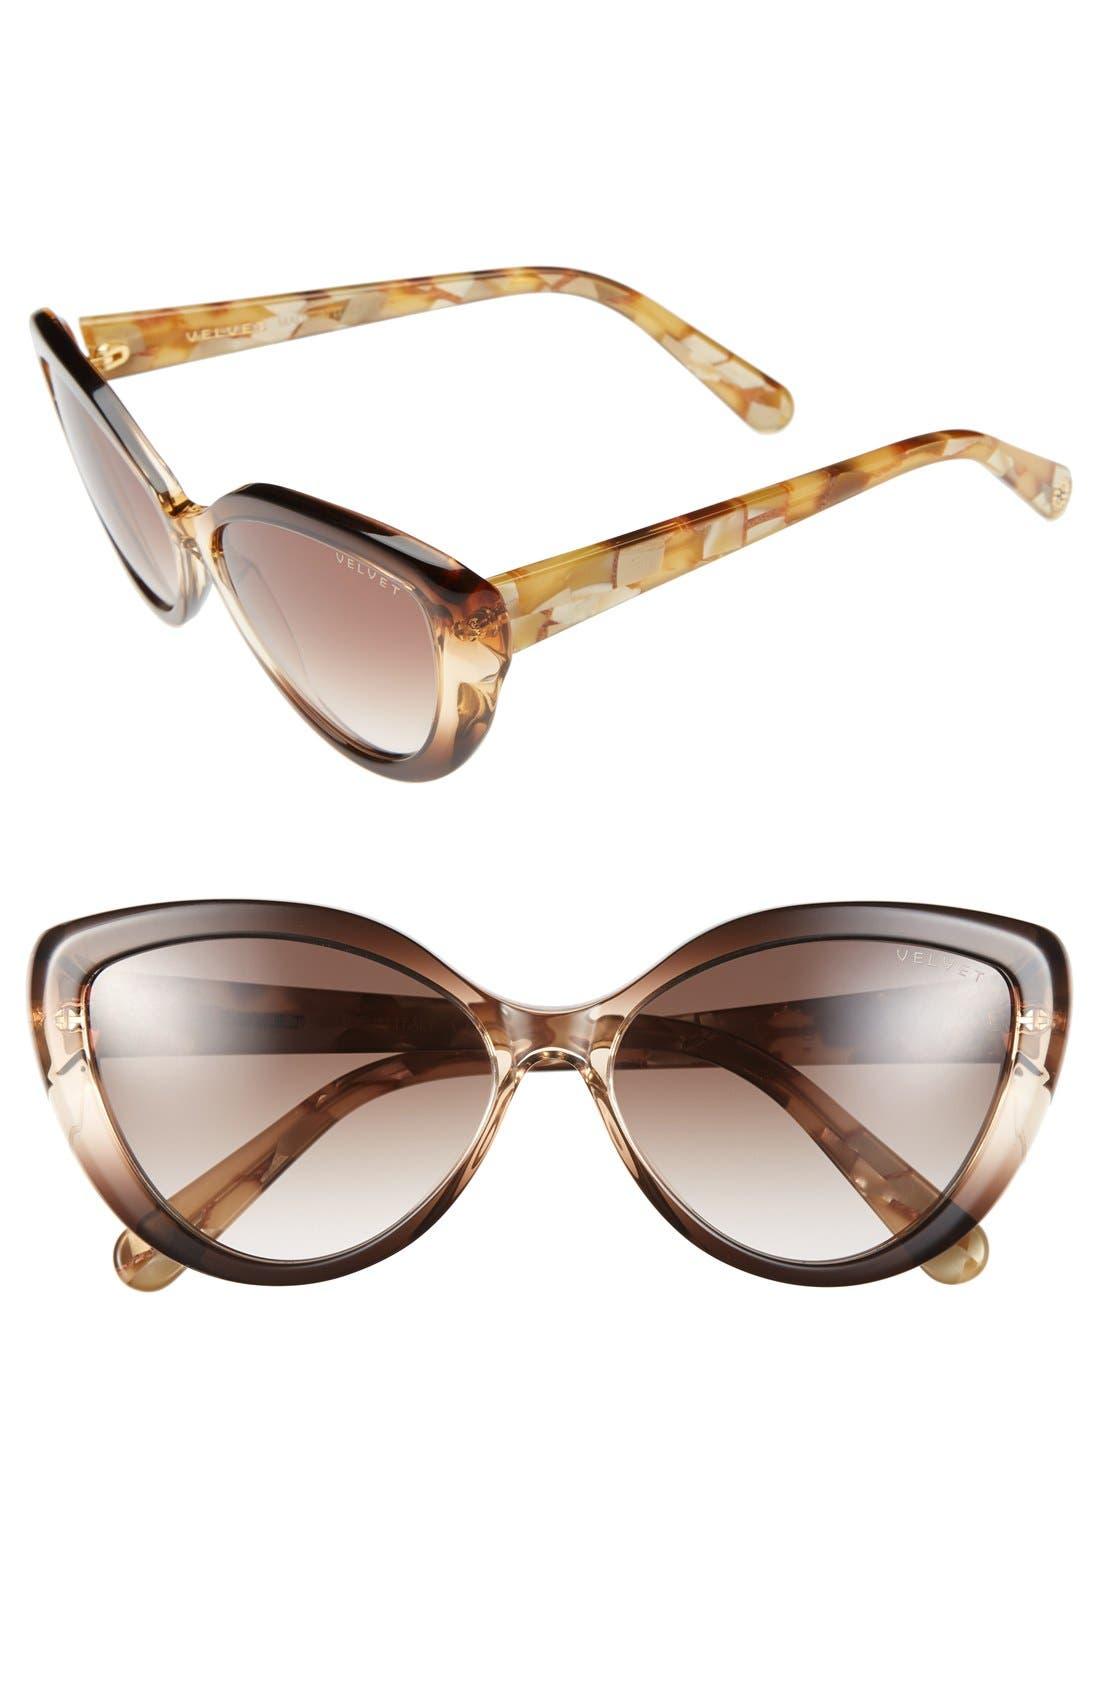 Alternate Image 1 Selected - Velvet Eyewear 'Joie' 55mm Cat Eye Sunglasses